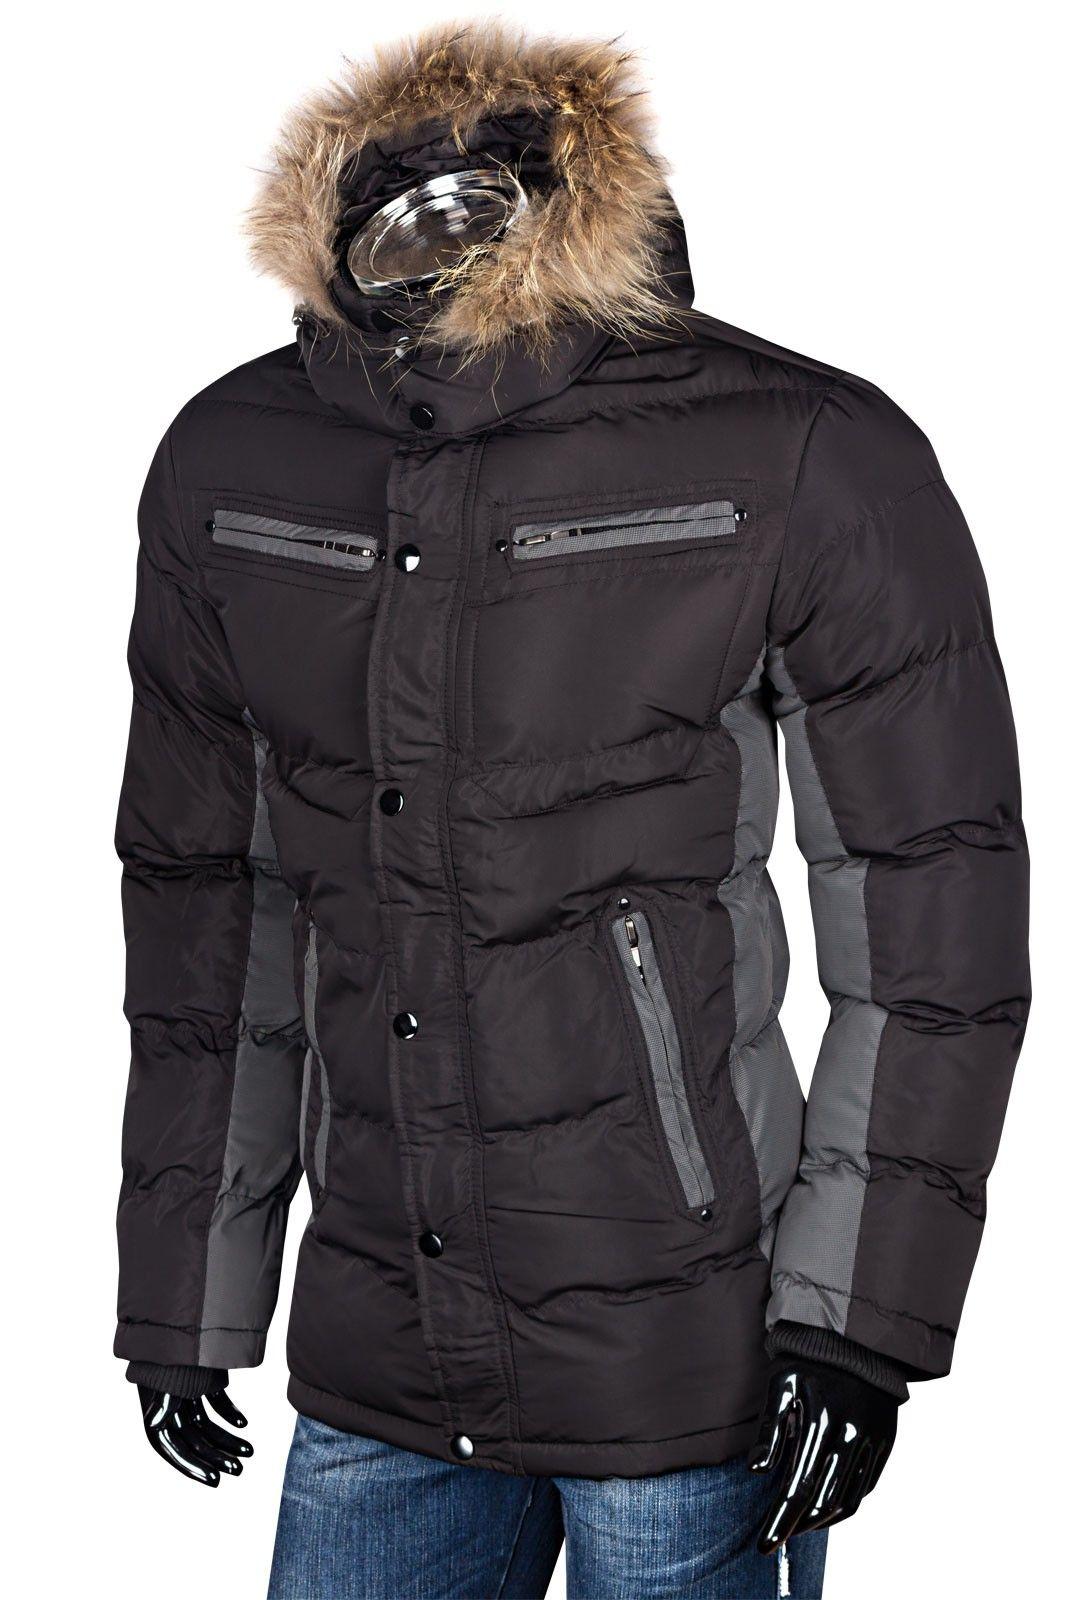 Herren Winterjacke Steppjacke Mit Fellkapuze Daunen Look | Jacken | Herren Mode | DeineFashion